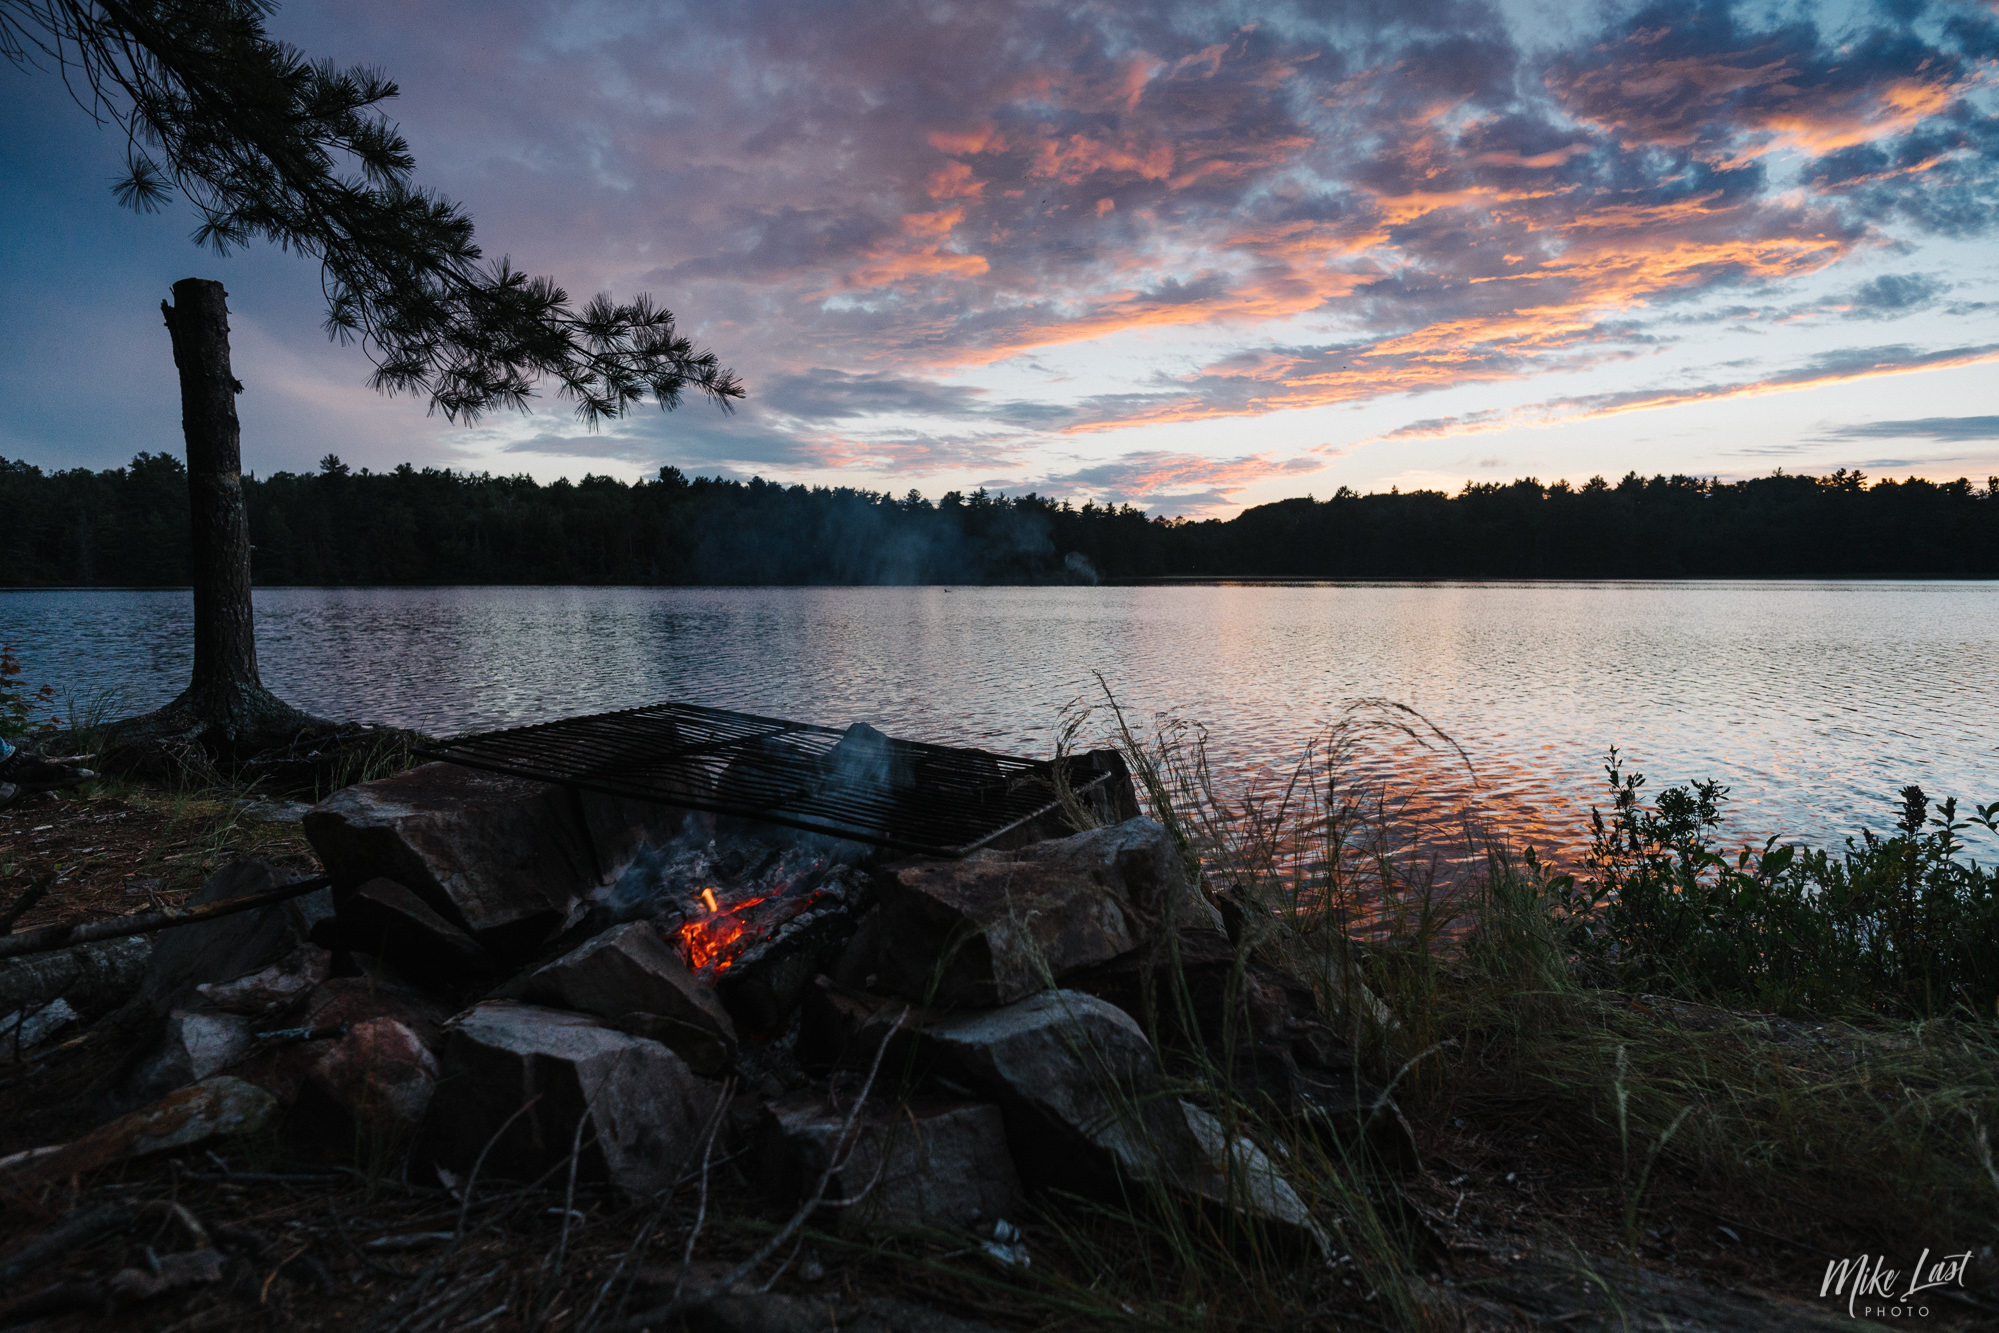 Grassy Bay - Night 1 - Killarney Provincial Park, Ontario, Canada